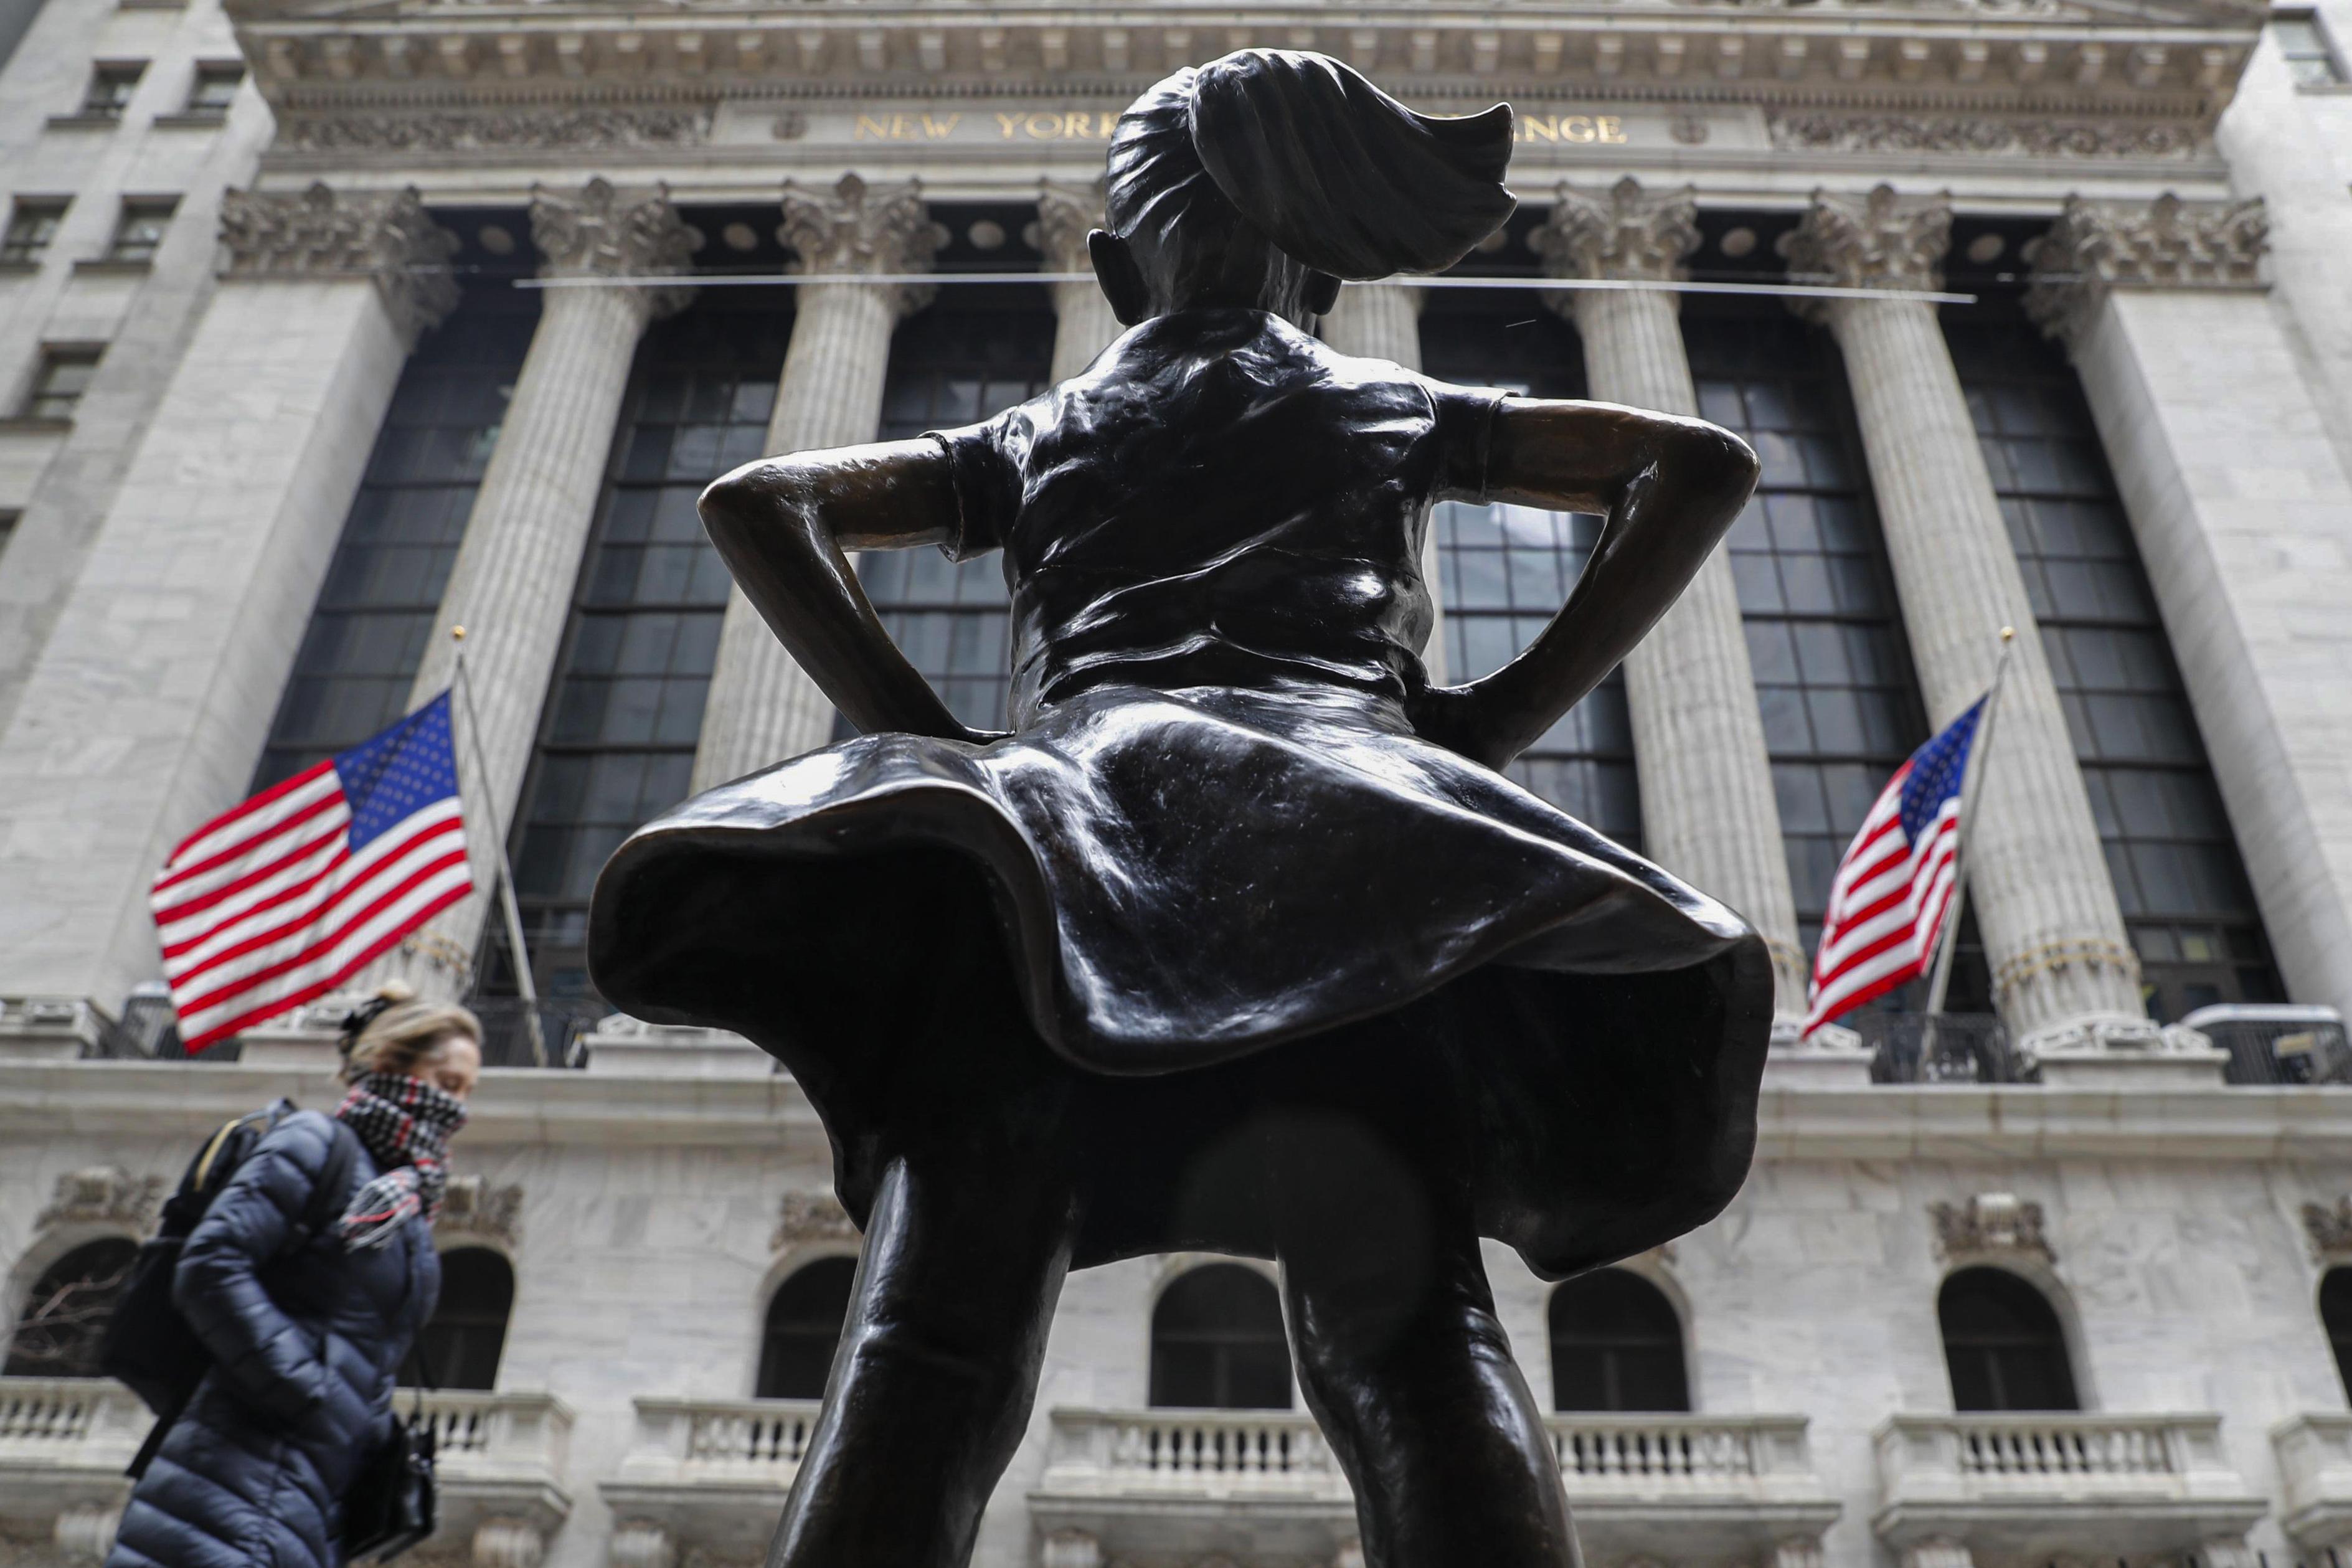 2020年3月12日紐約,一名戴著圍巾的行人在紐約證券交易所 (NYSE) 和無畏女孩雕像旁散步。